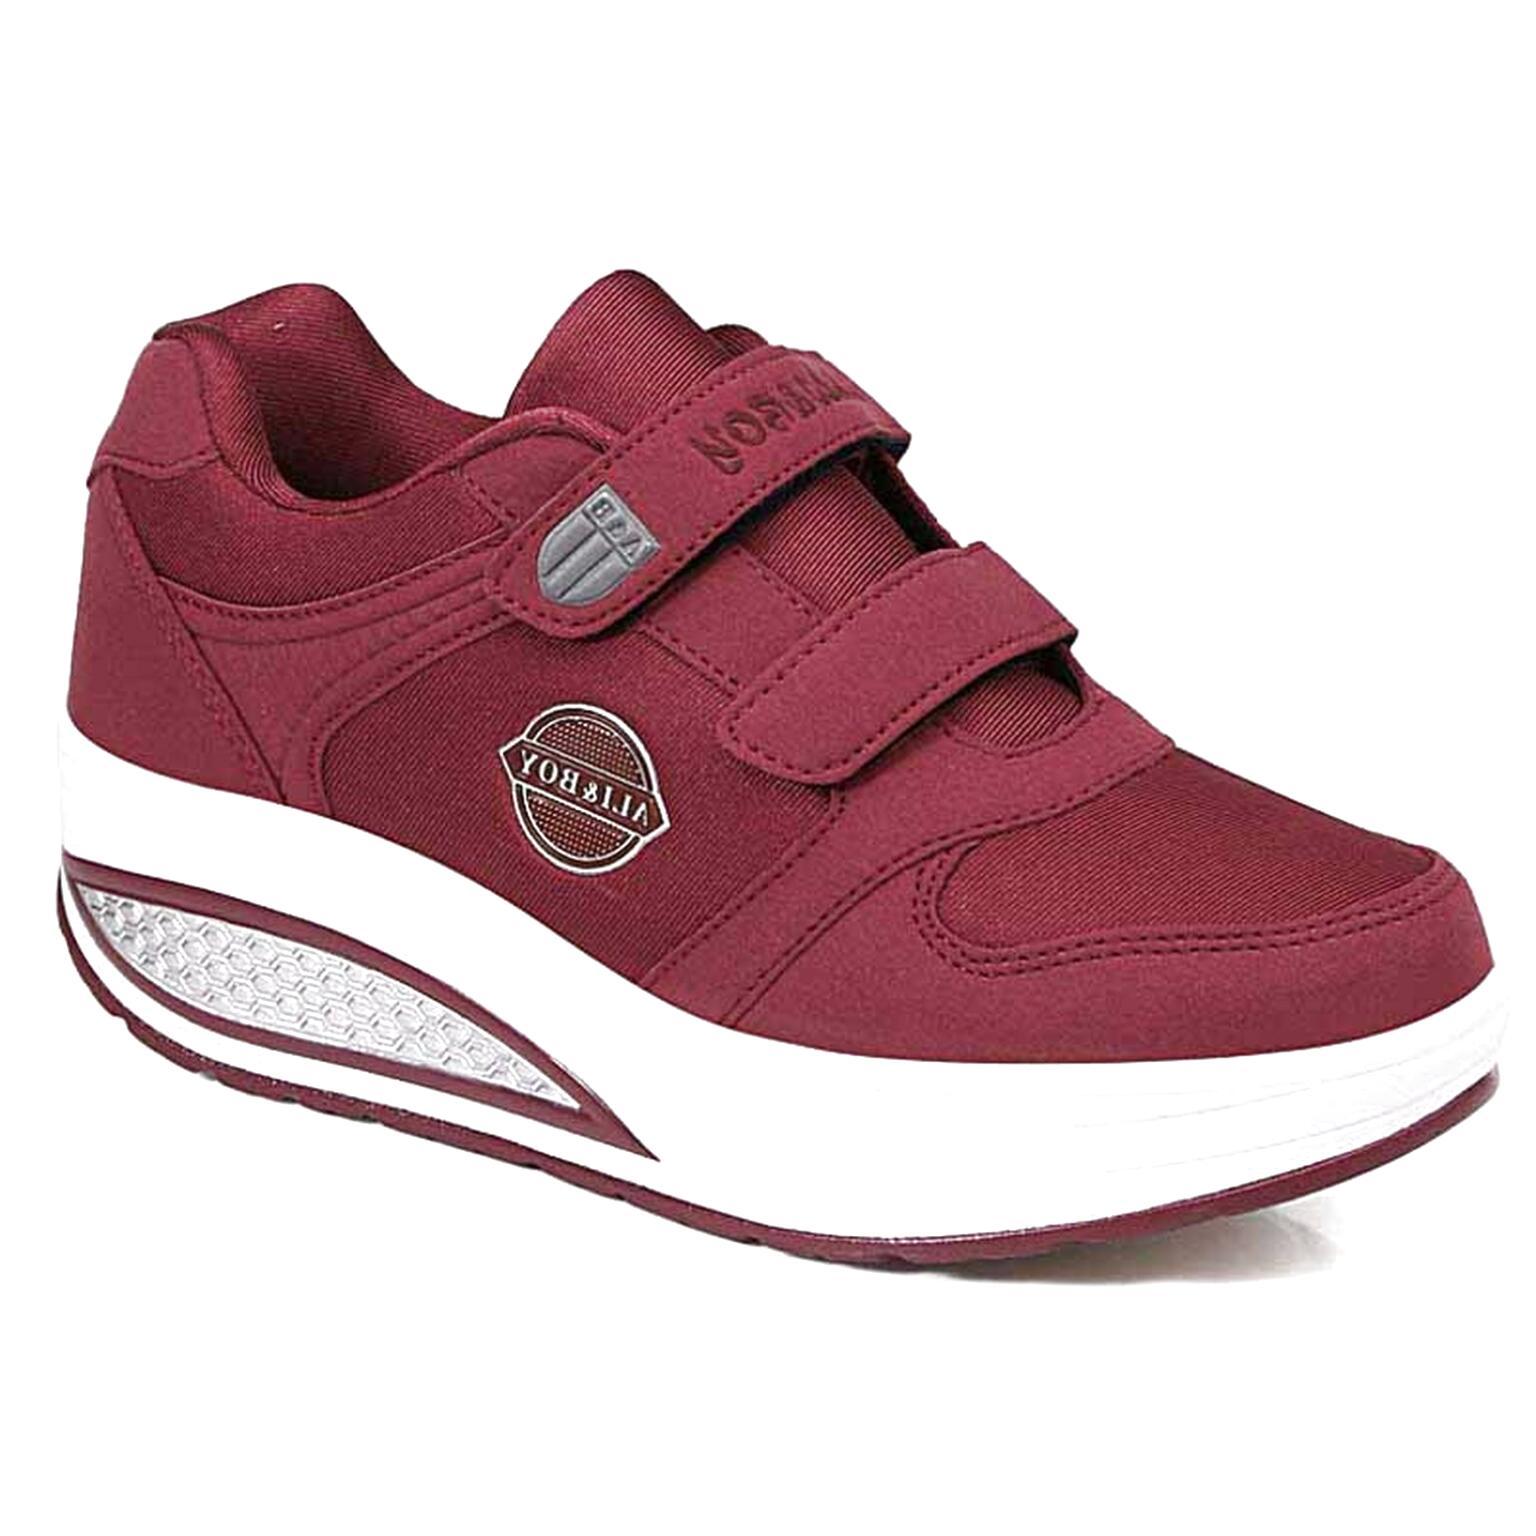 rocker shoes for sale